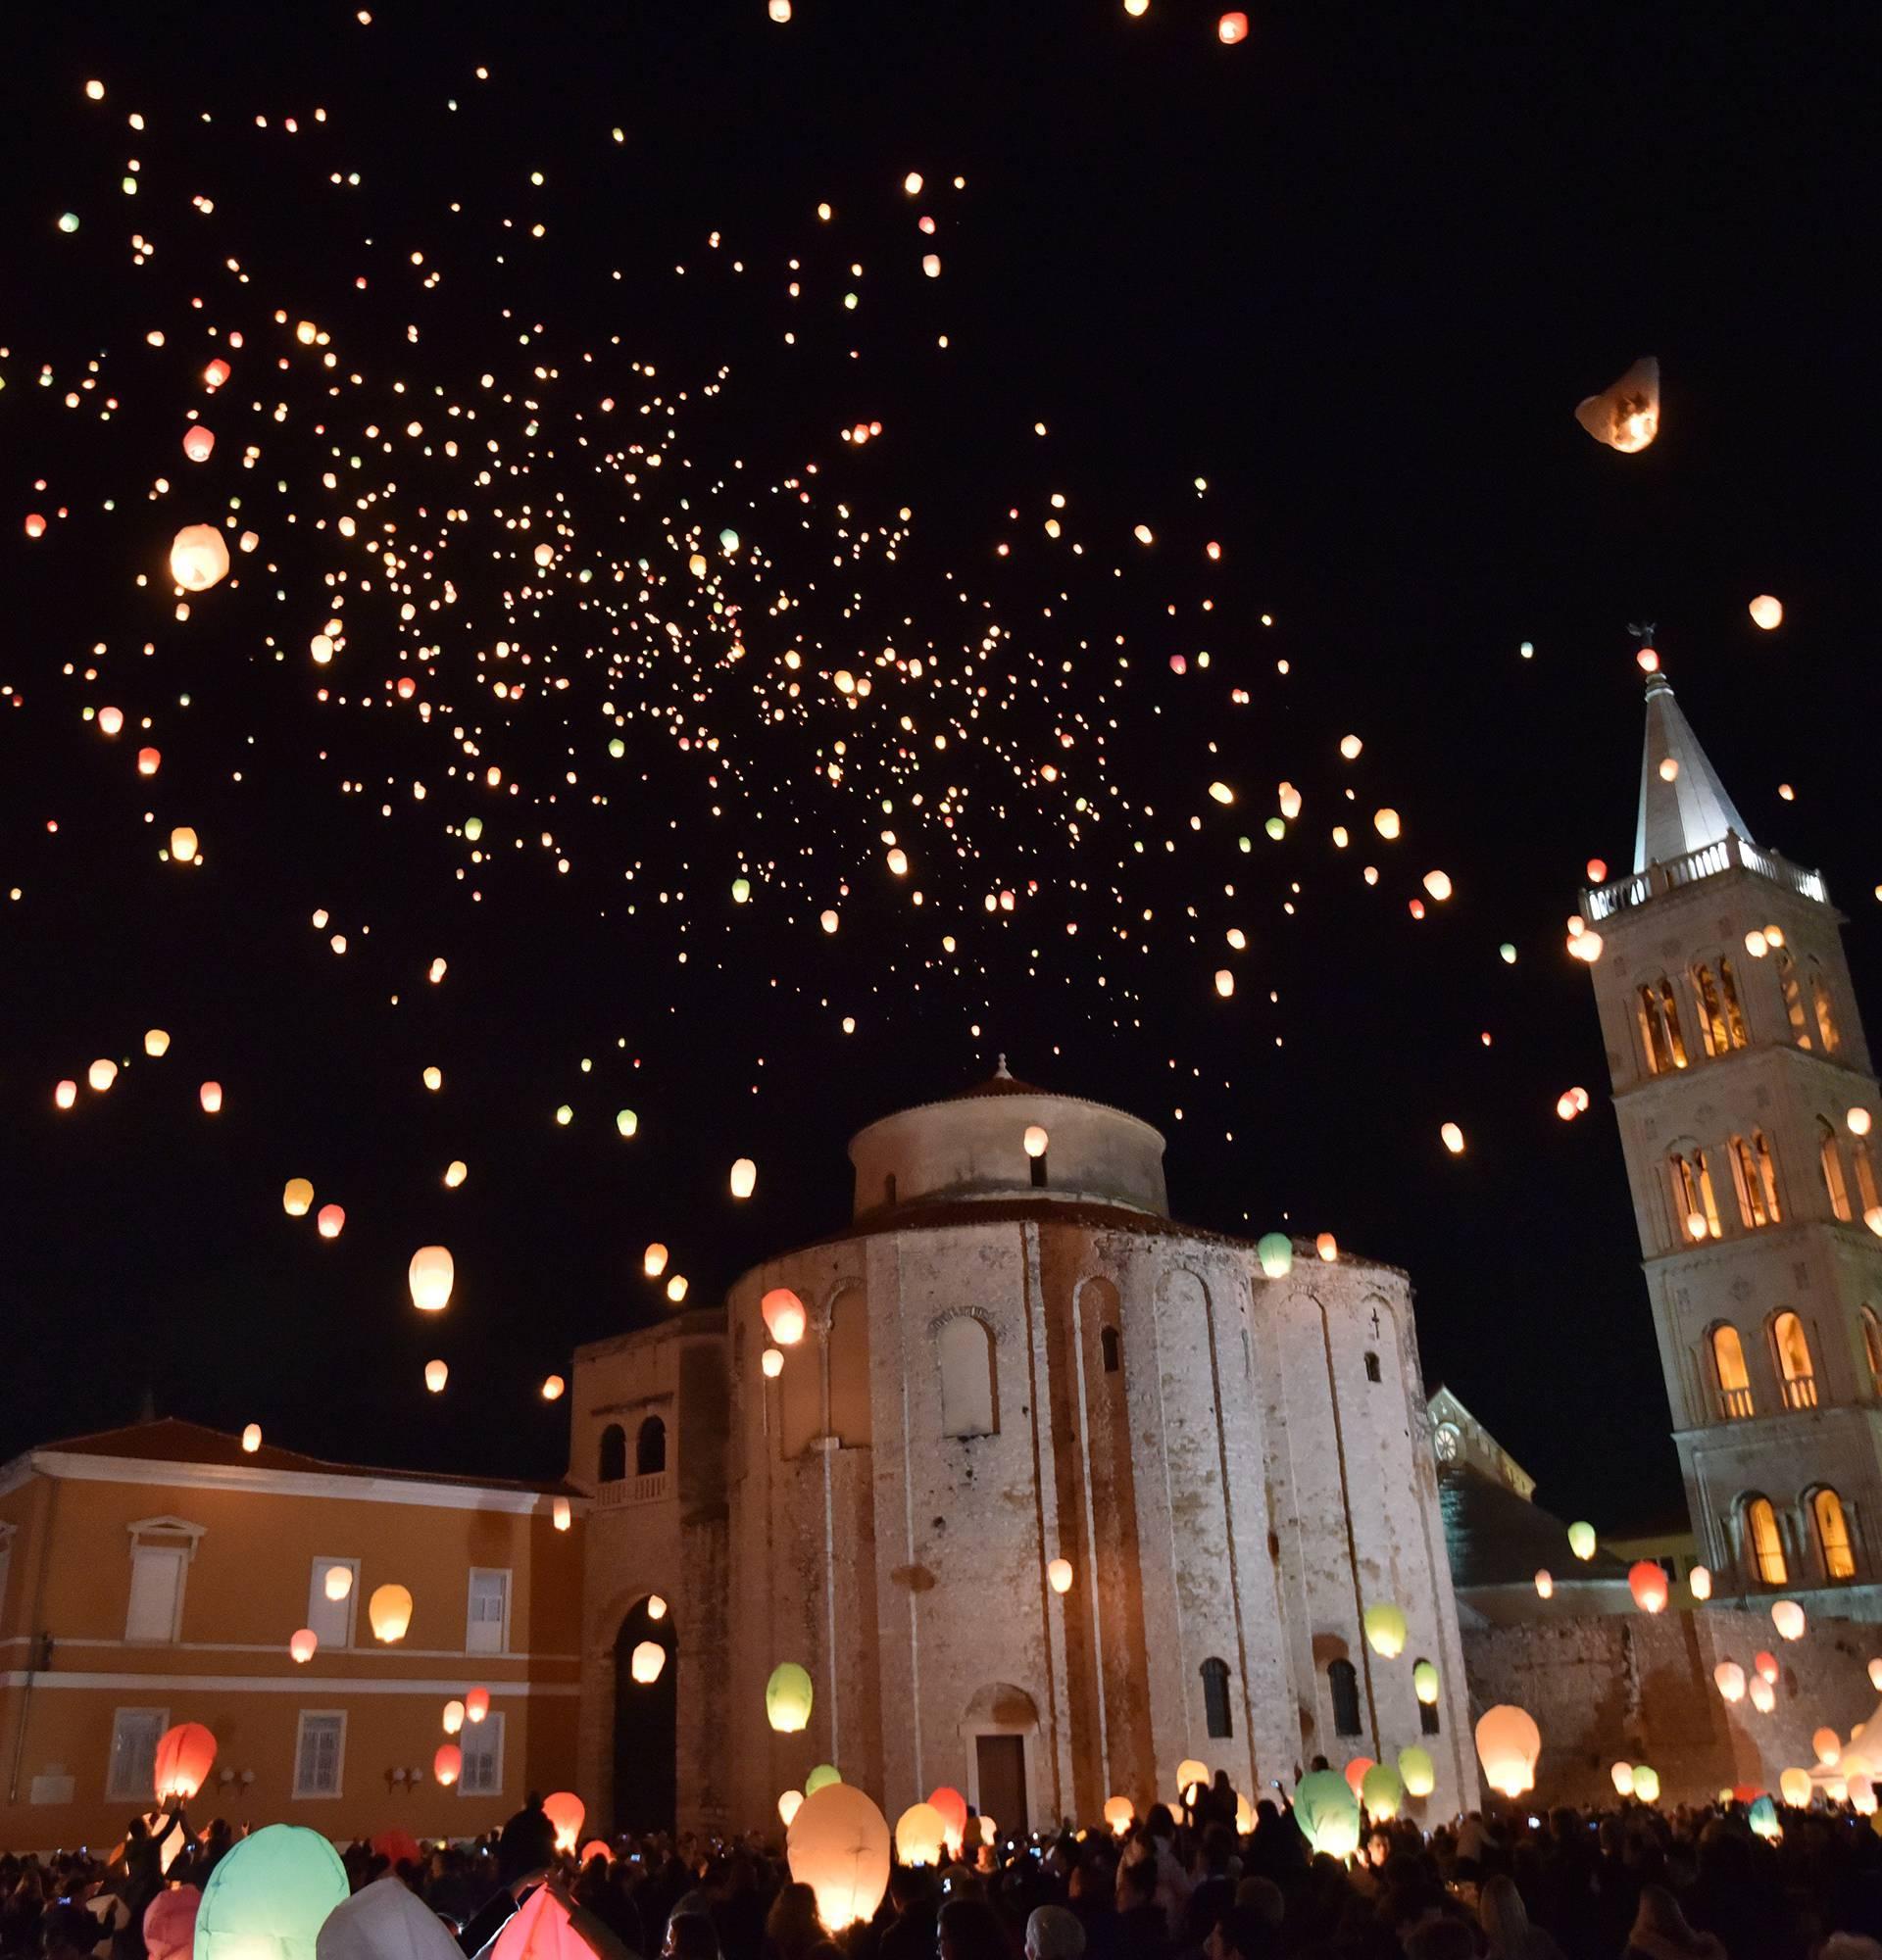 Nedjeljni spektakl: Zadarsko nebo 'gorjelo' od lijepih želja